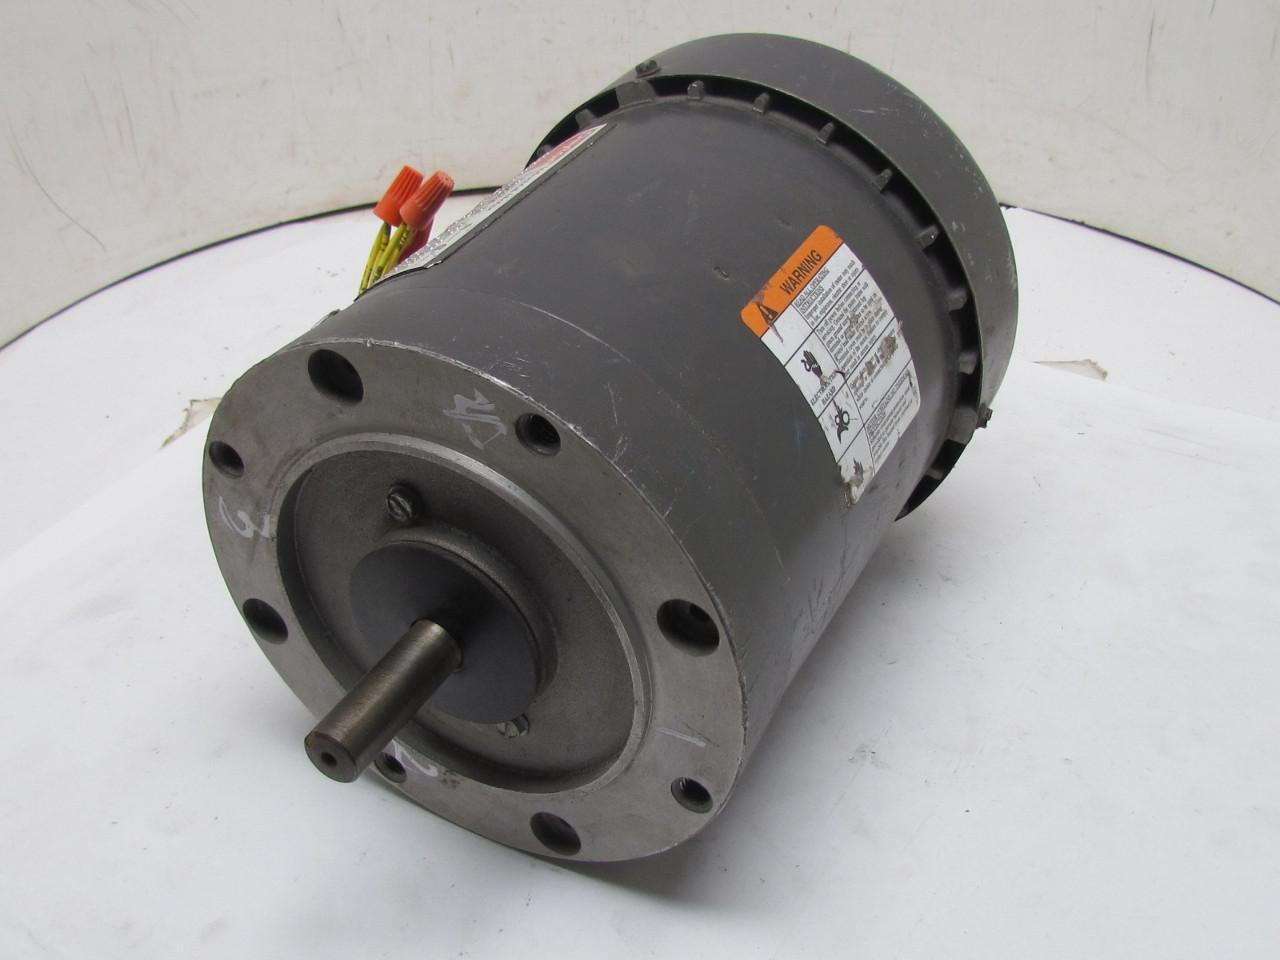 Dayton 3n471n 3 phase ac motor 1 2hp 3450 2850 rpm 208 220 for 1 phase ac motor